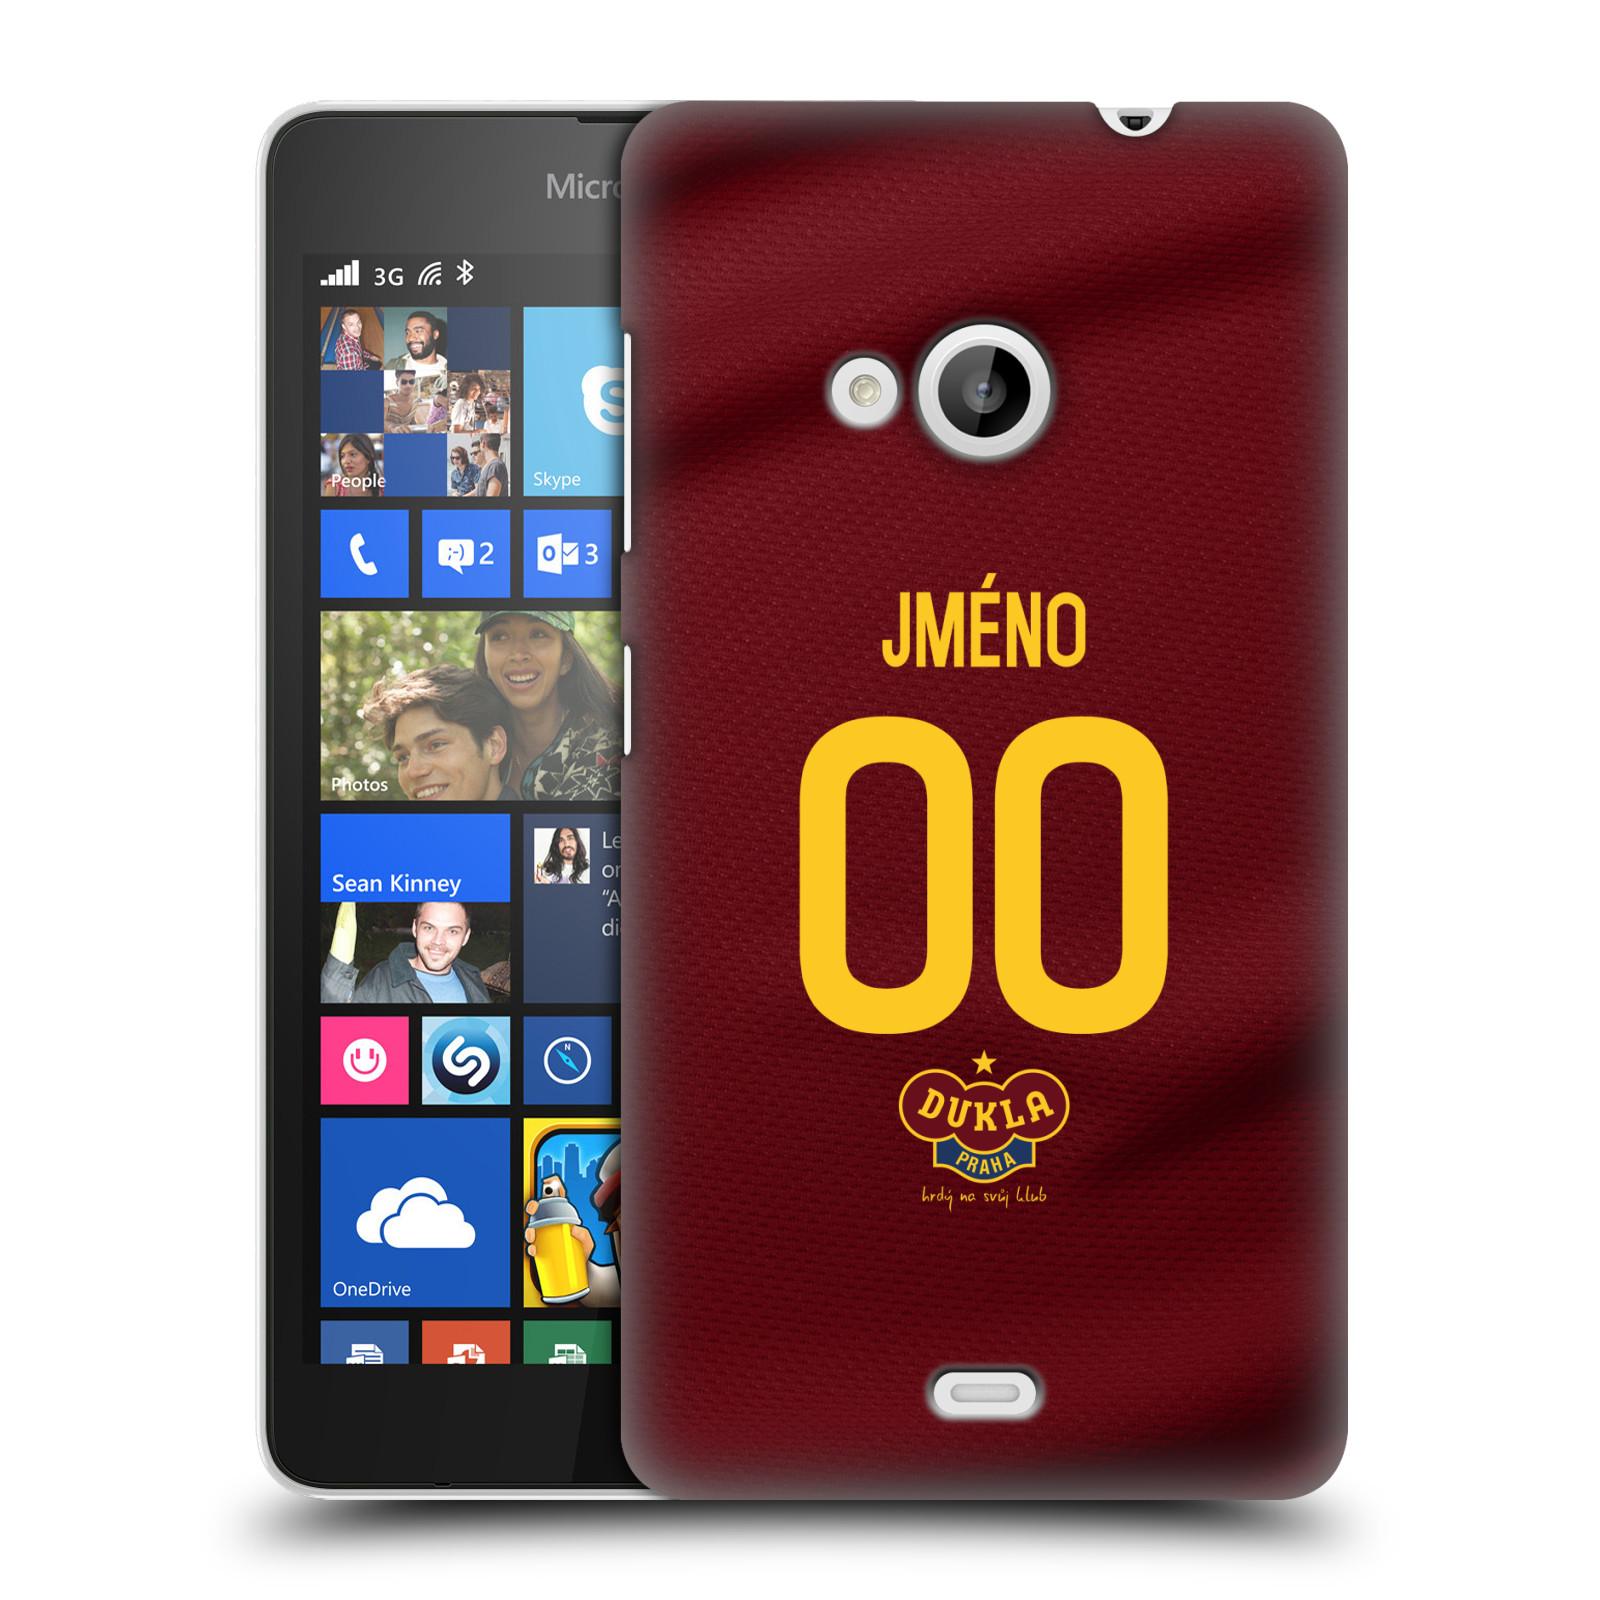 Plastové pouzdro na mobil Microsoft Lumia 535 - FK Dukla Praha - dres s vlastním jménem a číslem (Plastový kryt či obal na mobilní telefon s oficiálním motivem FK Dukla Praha - dres s vlastním jménem a číslem pro Microsoft Lumia 535)